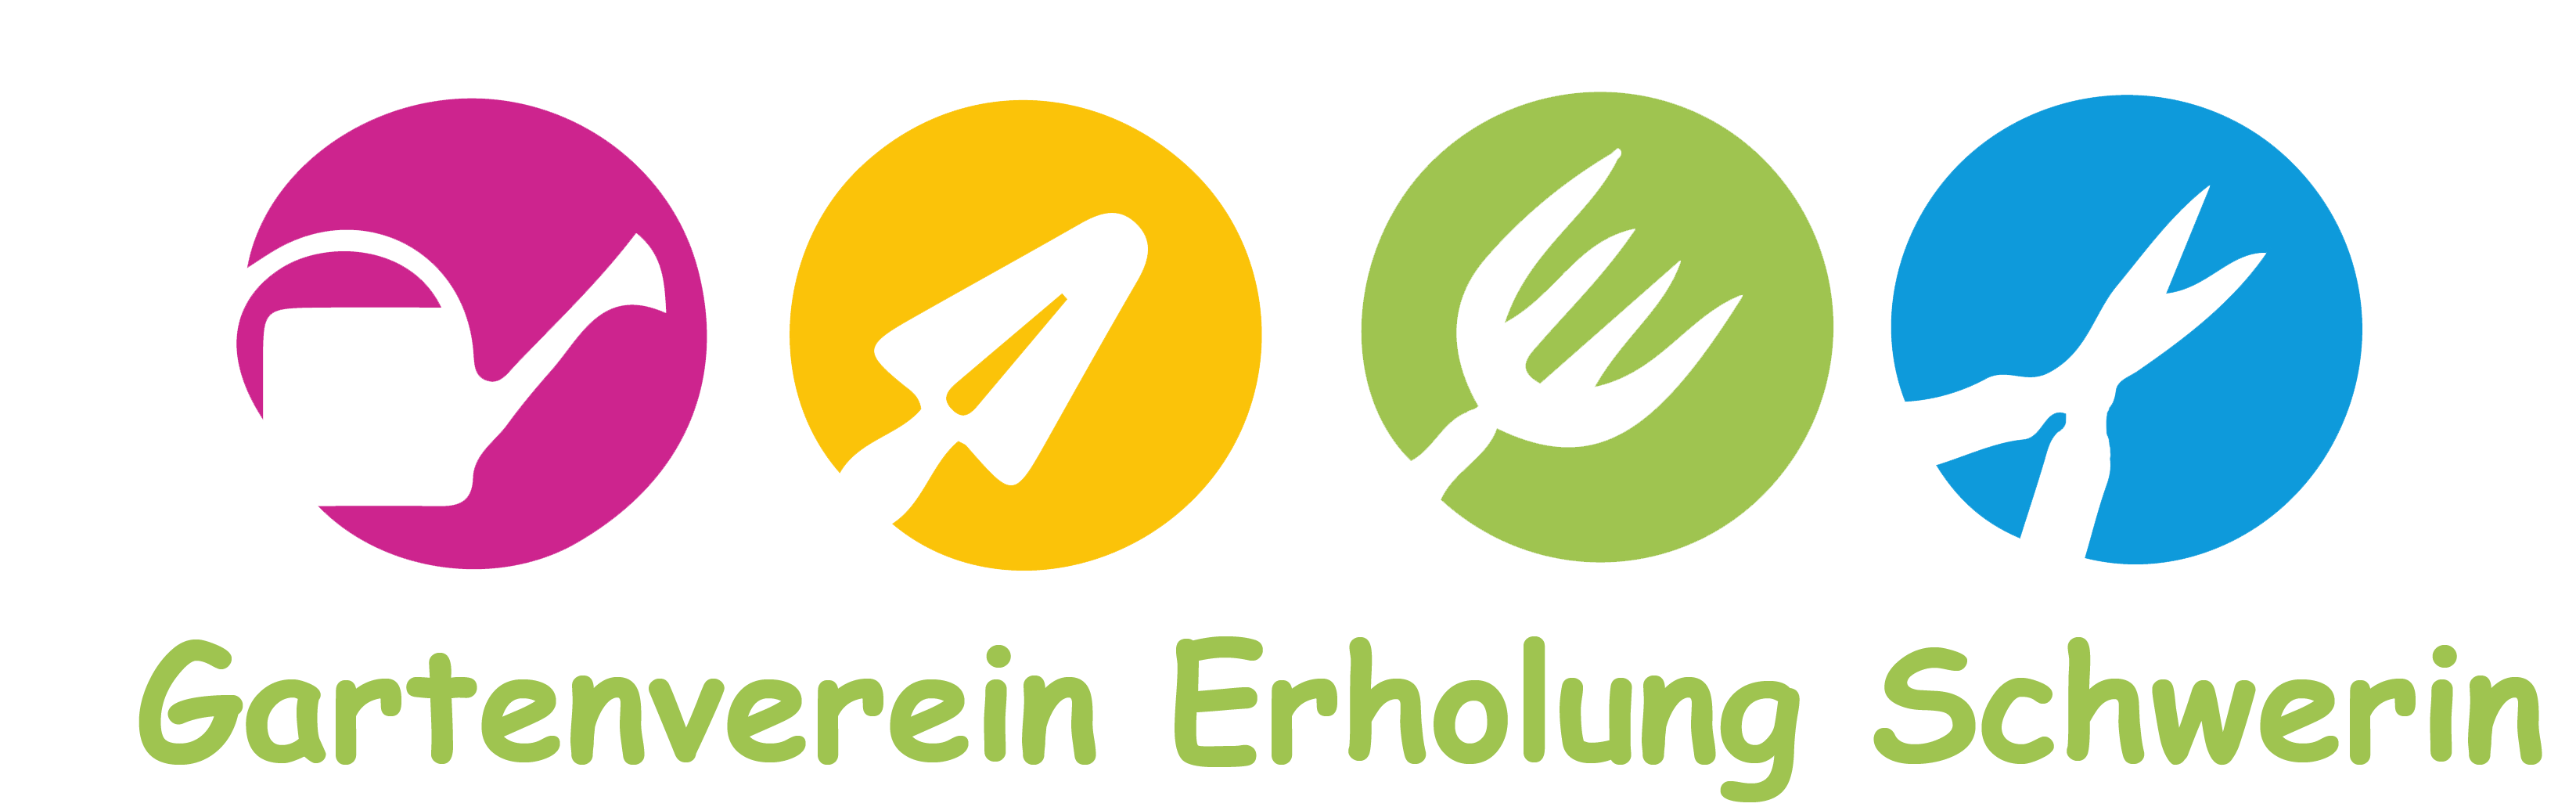 Gartenverein Erholung Schwerin